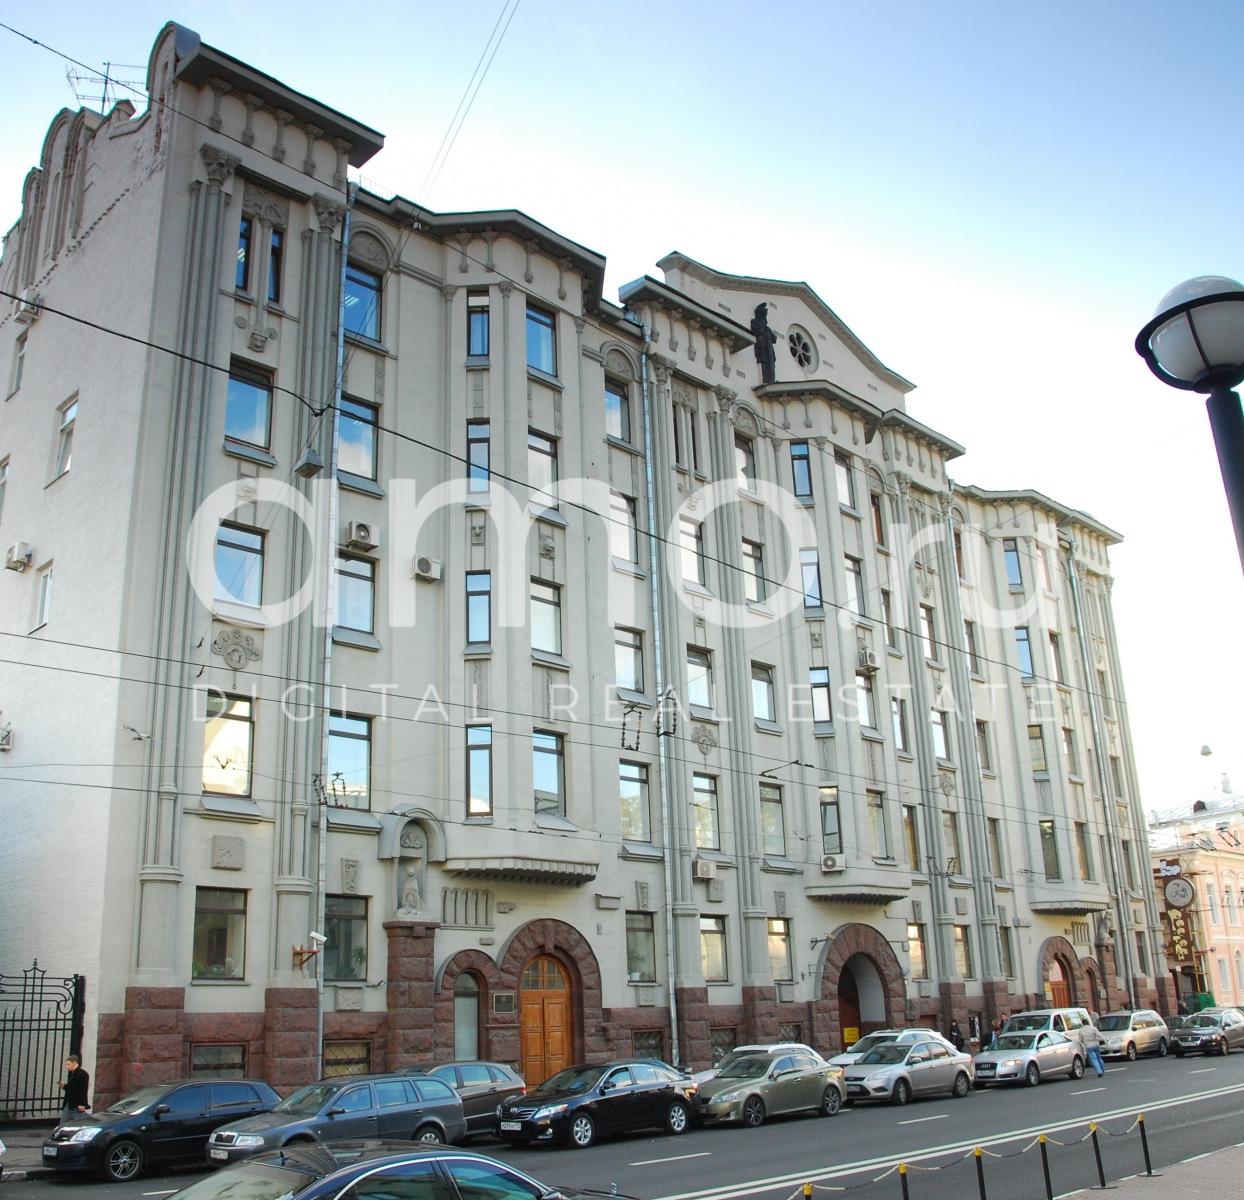 Поиск офисных помещений Житная улица аренда коммерческой недвижимости свао без комиссии